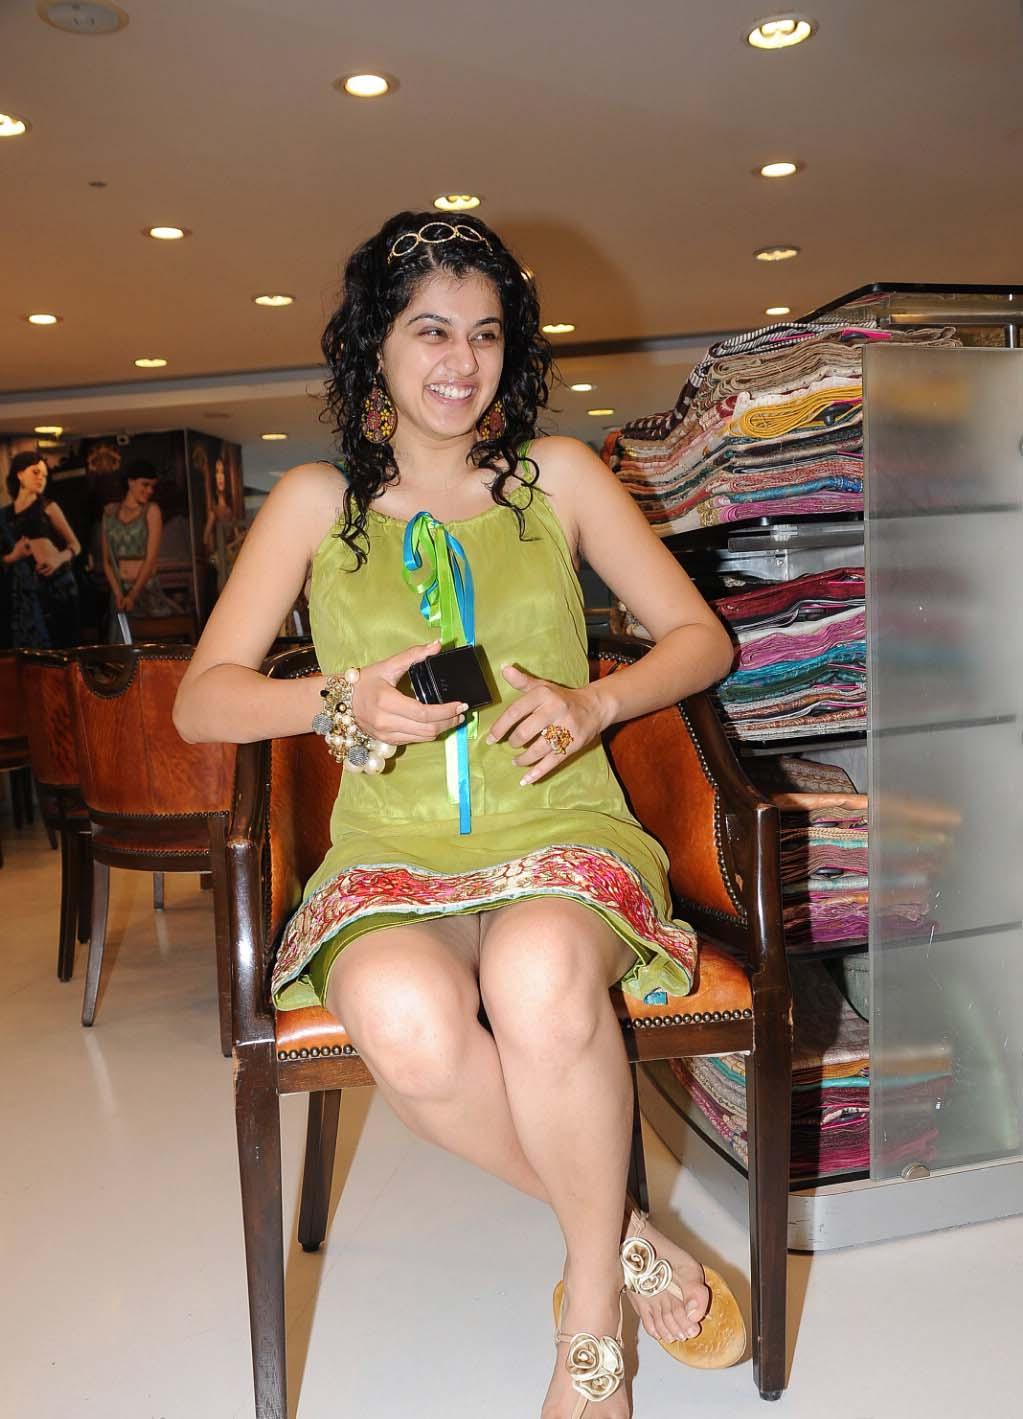 Anusha rajapaksha topless photoshoot